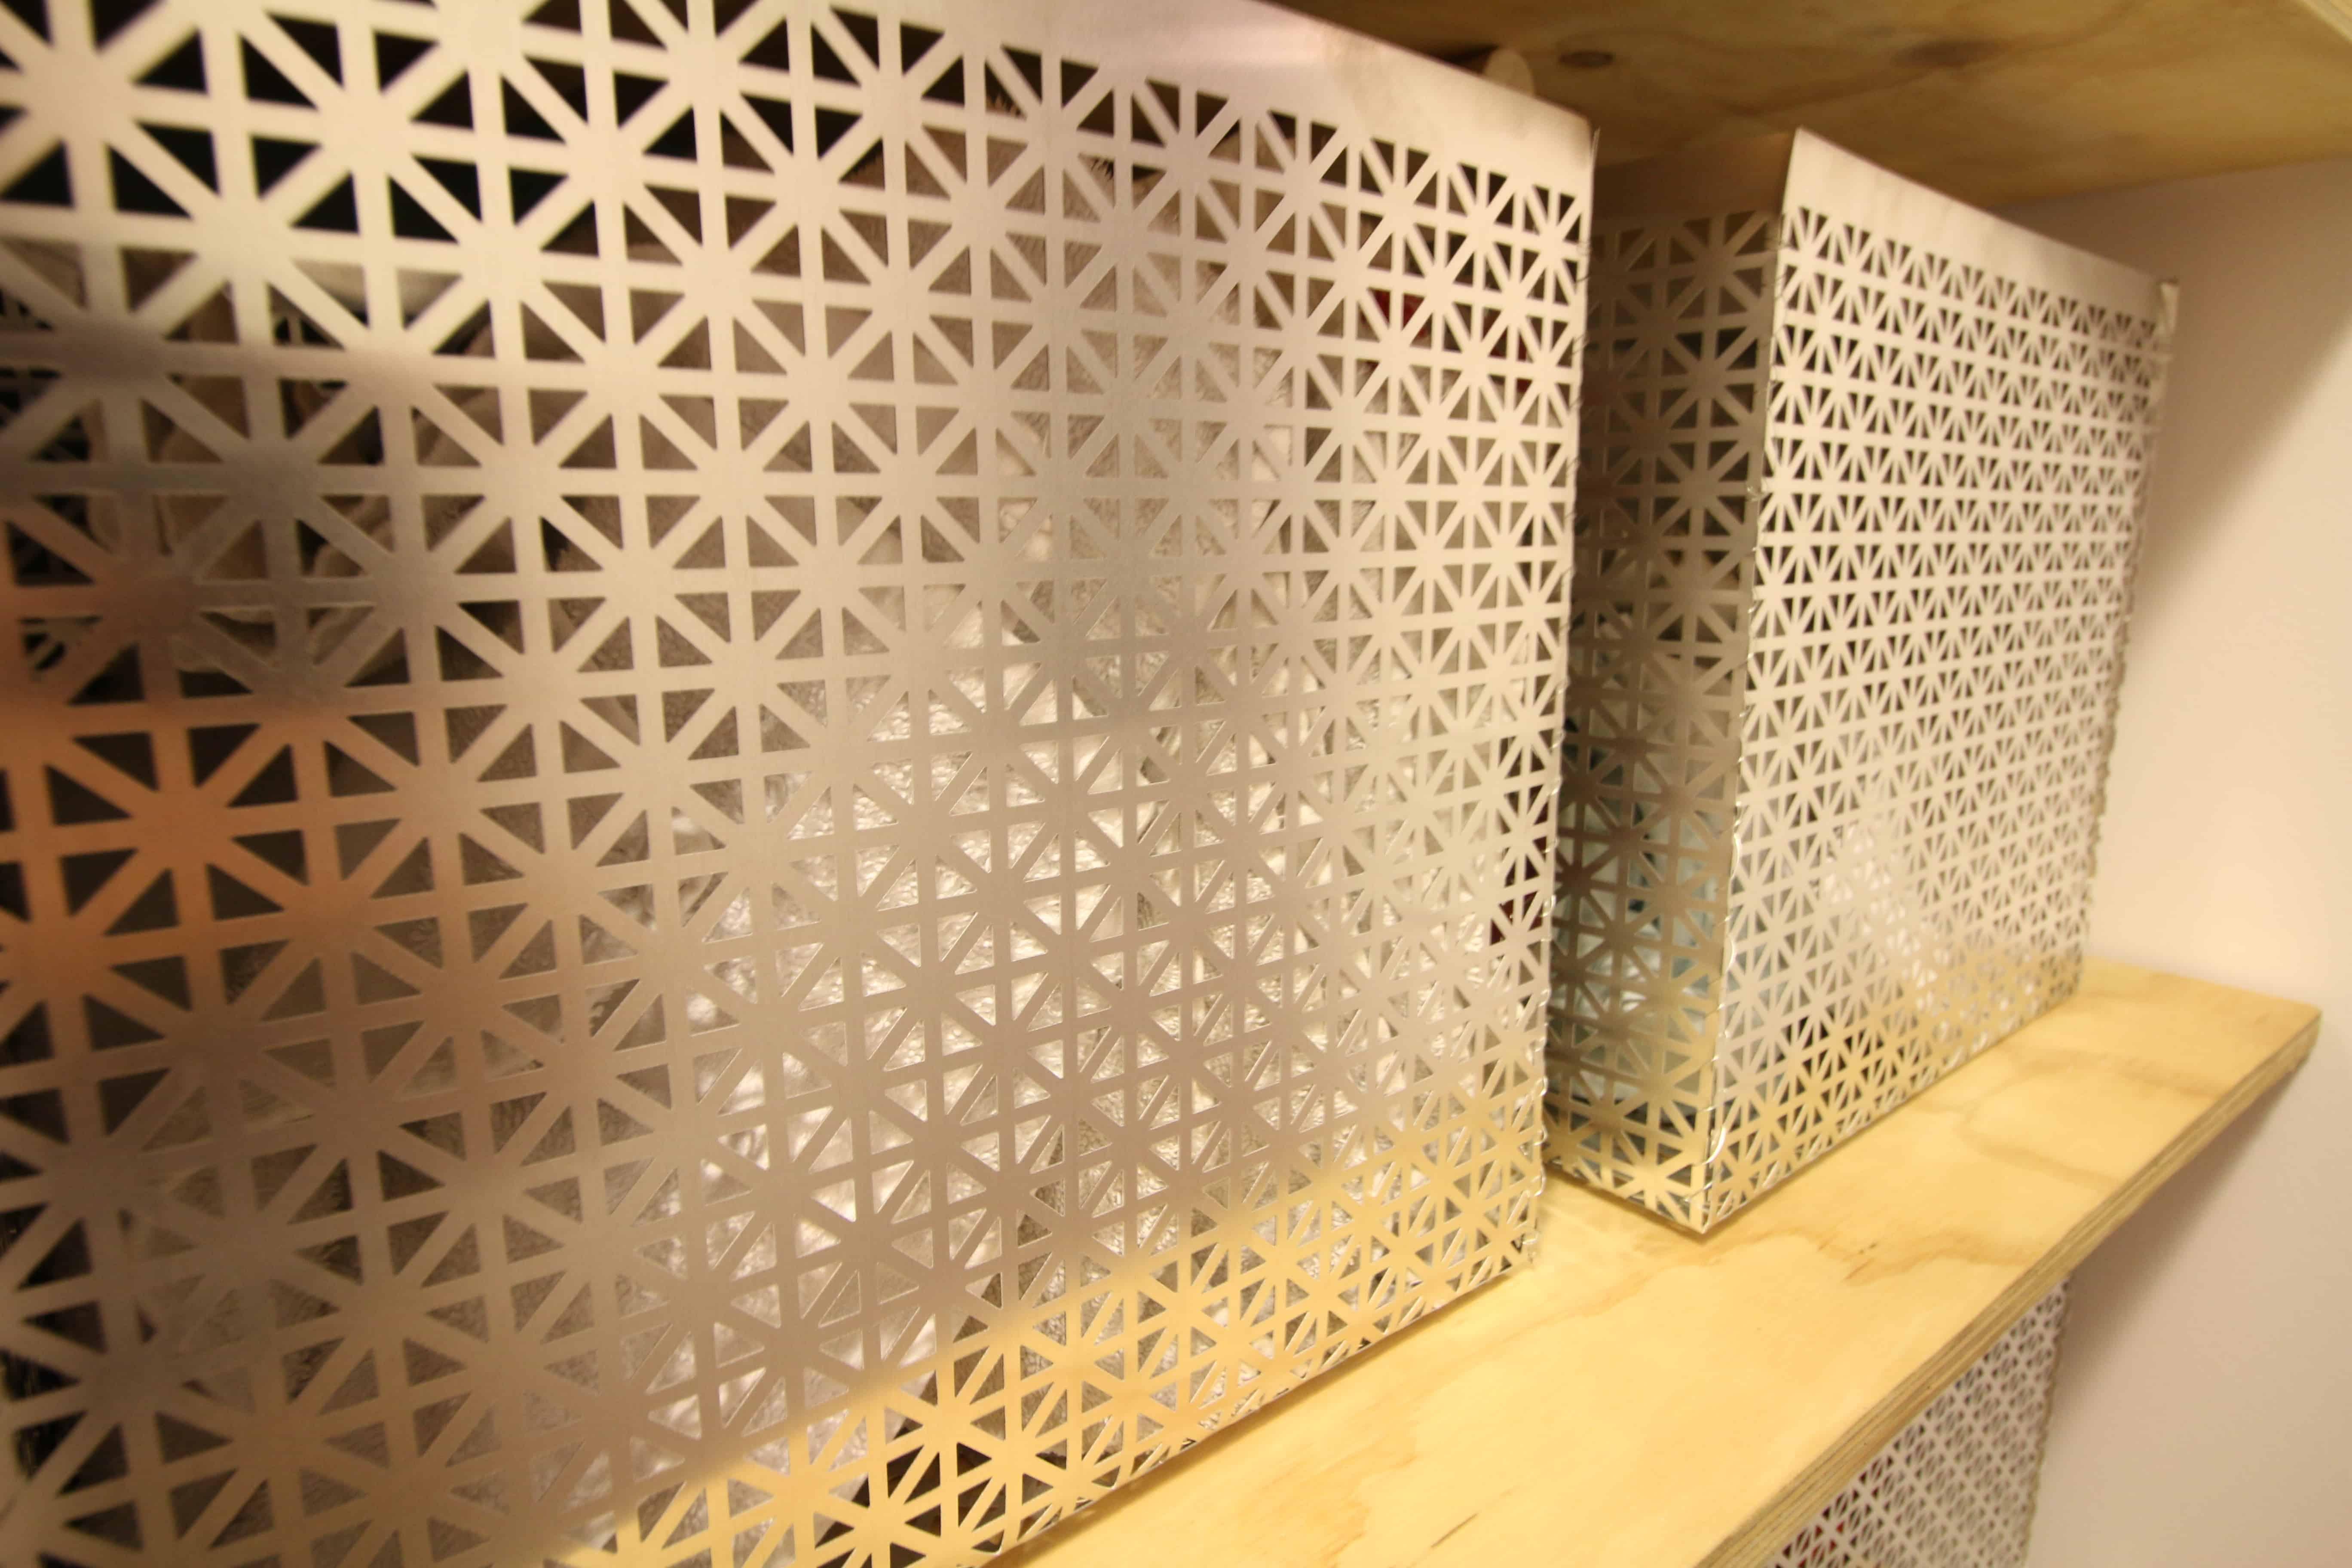 DIY Metal Storage Bins via Charleston Crafted